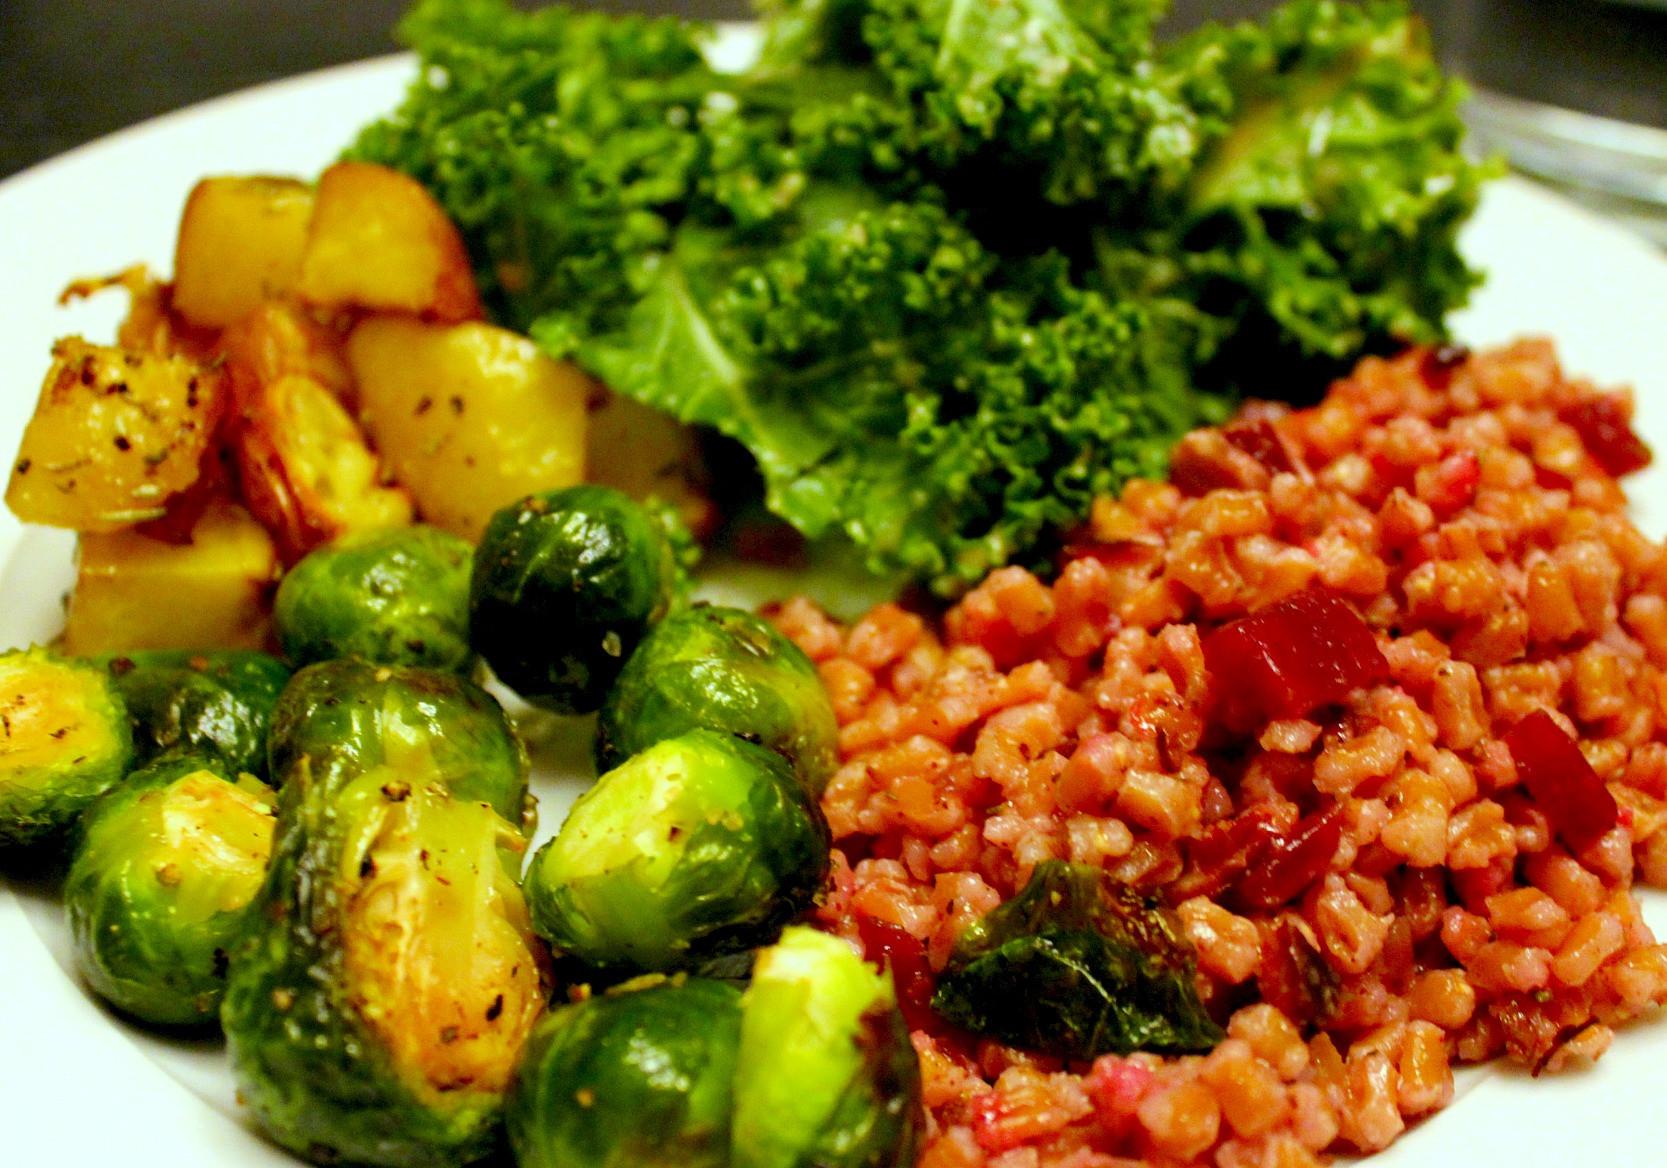 Good Vegan Dinners  A Typical Vegan Meal